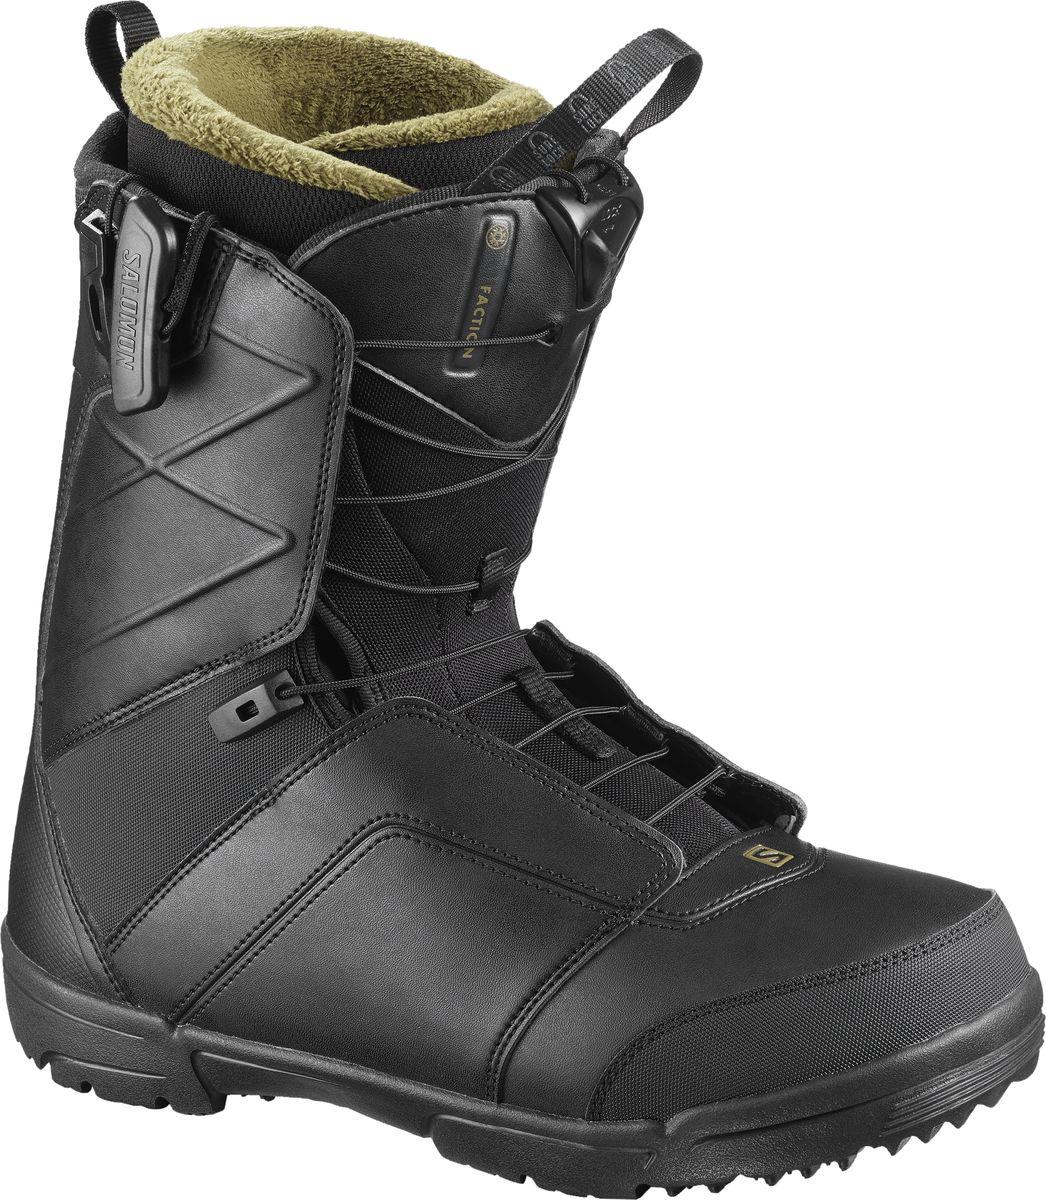 Никакая другая обувь для сноуборда в этой ценовой категории не имеет такой долгой истории, как ботинки Faction. Технология создания обуви имеет огромное значение для Salomon, поэтому мы разработали обувь, вкоторой идеально сочетаются посадка, отзывчивость и прочность. Мягкий ботинок в паре со шнуровкой ZoneLock гарантирует комфорт и поддержку весь день.